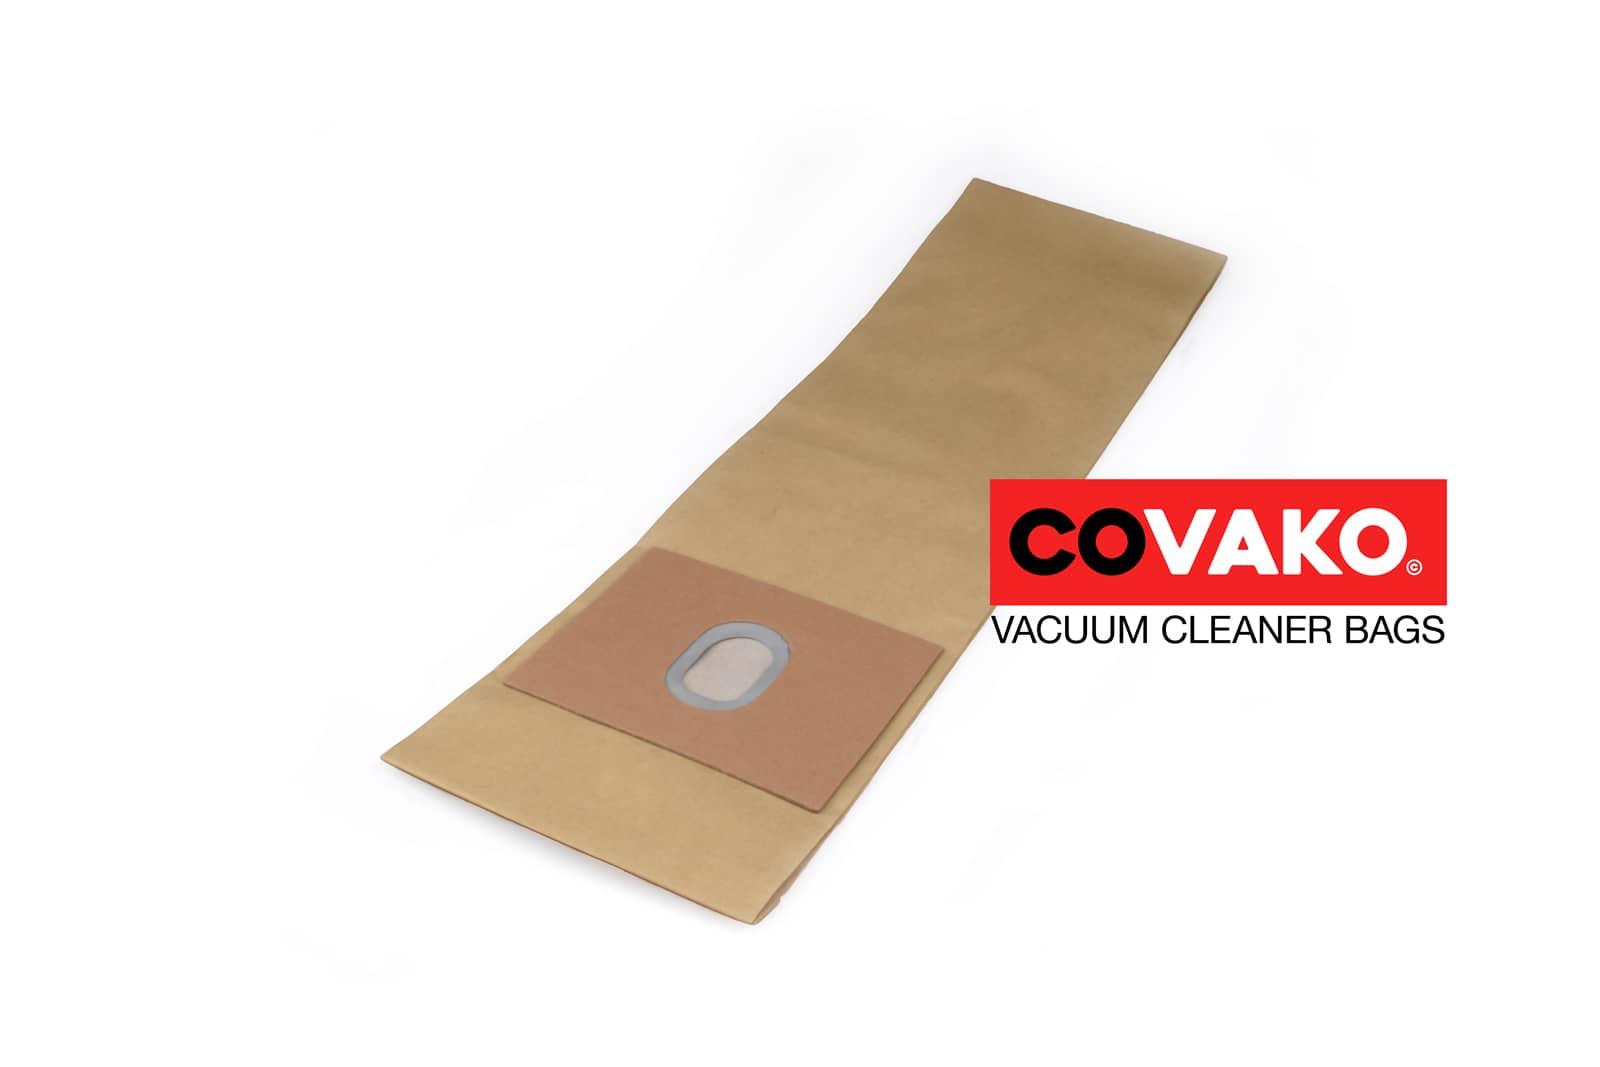 Fakir 171 / Paper - Fakir vacuum cleaner bags